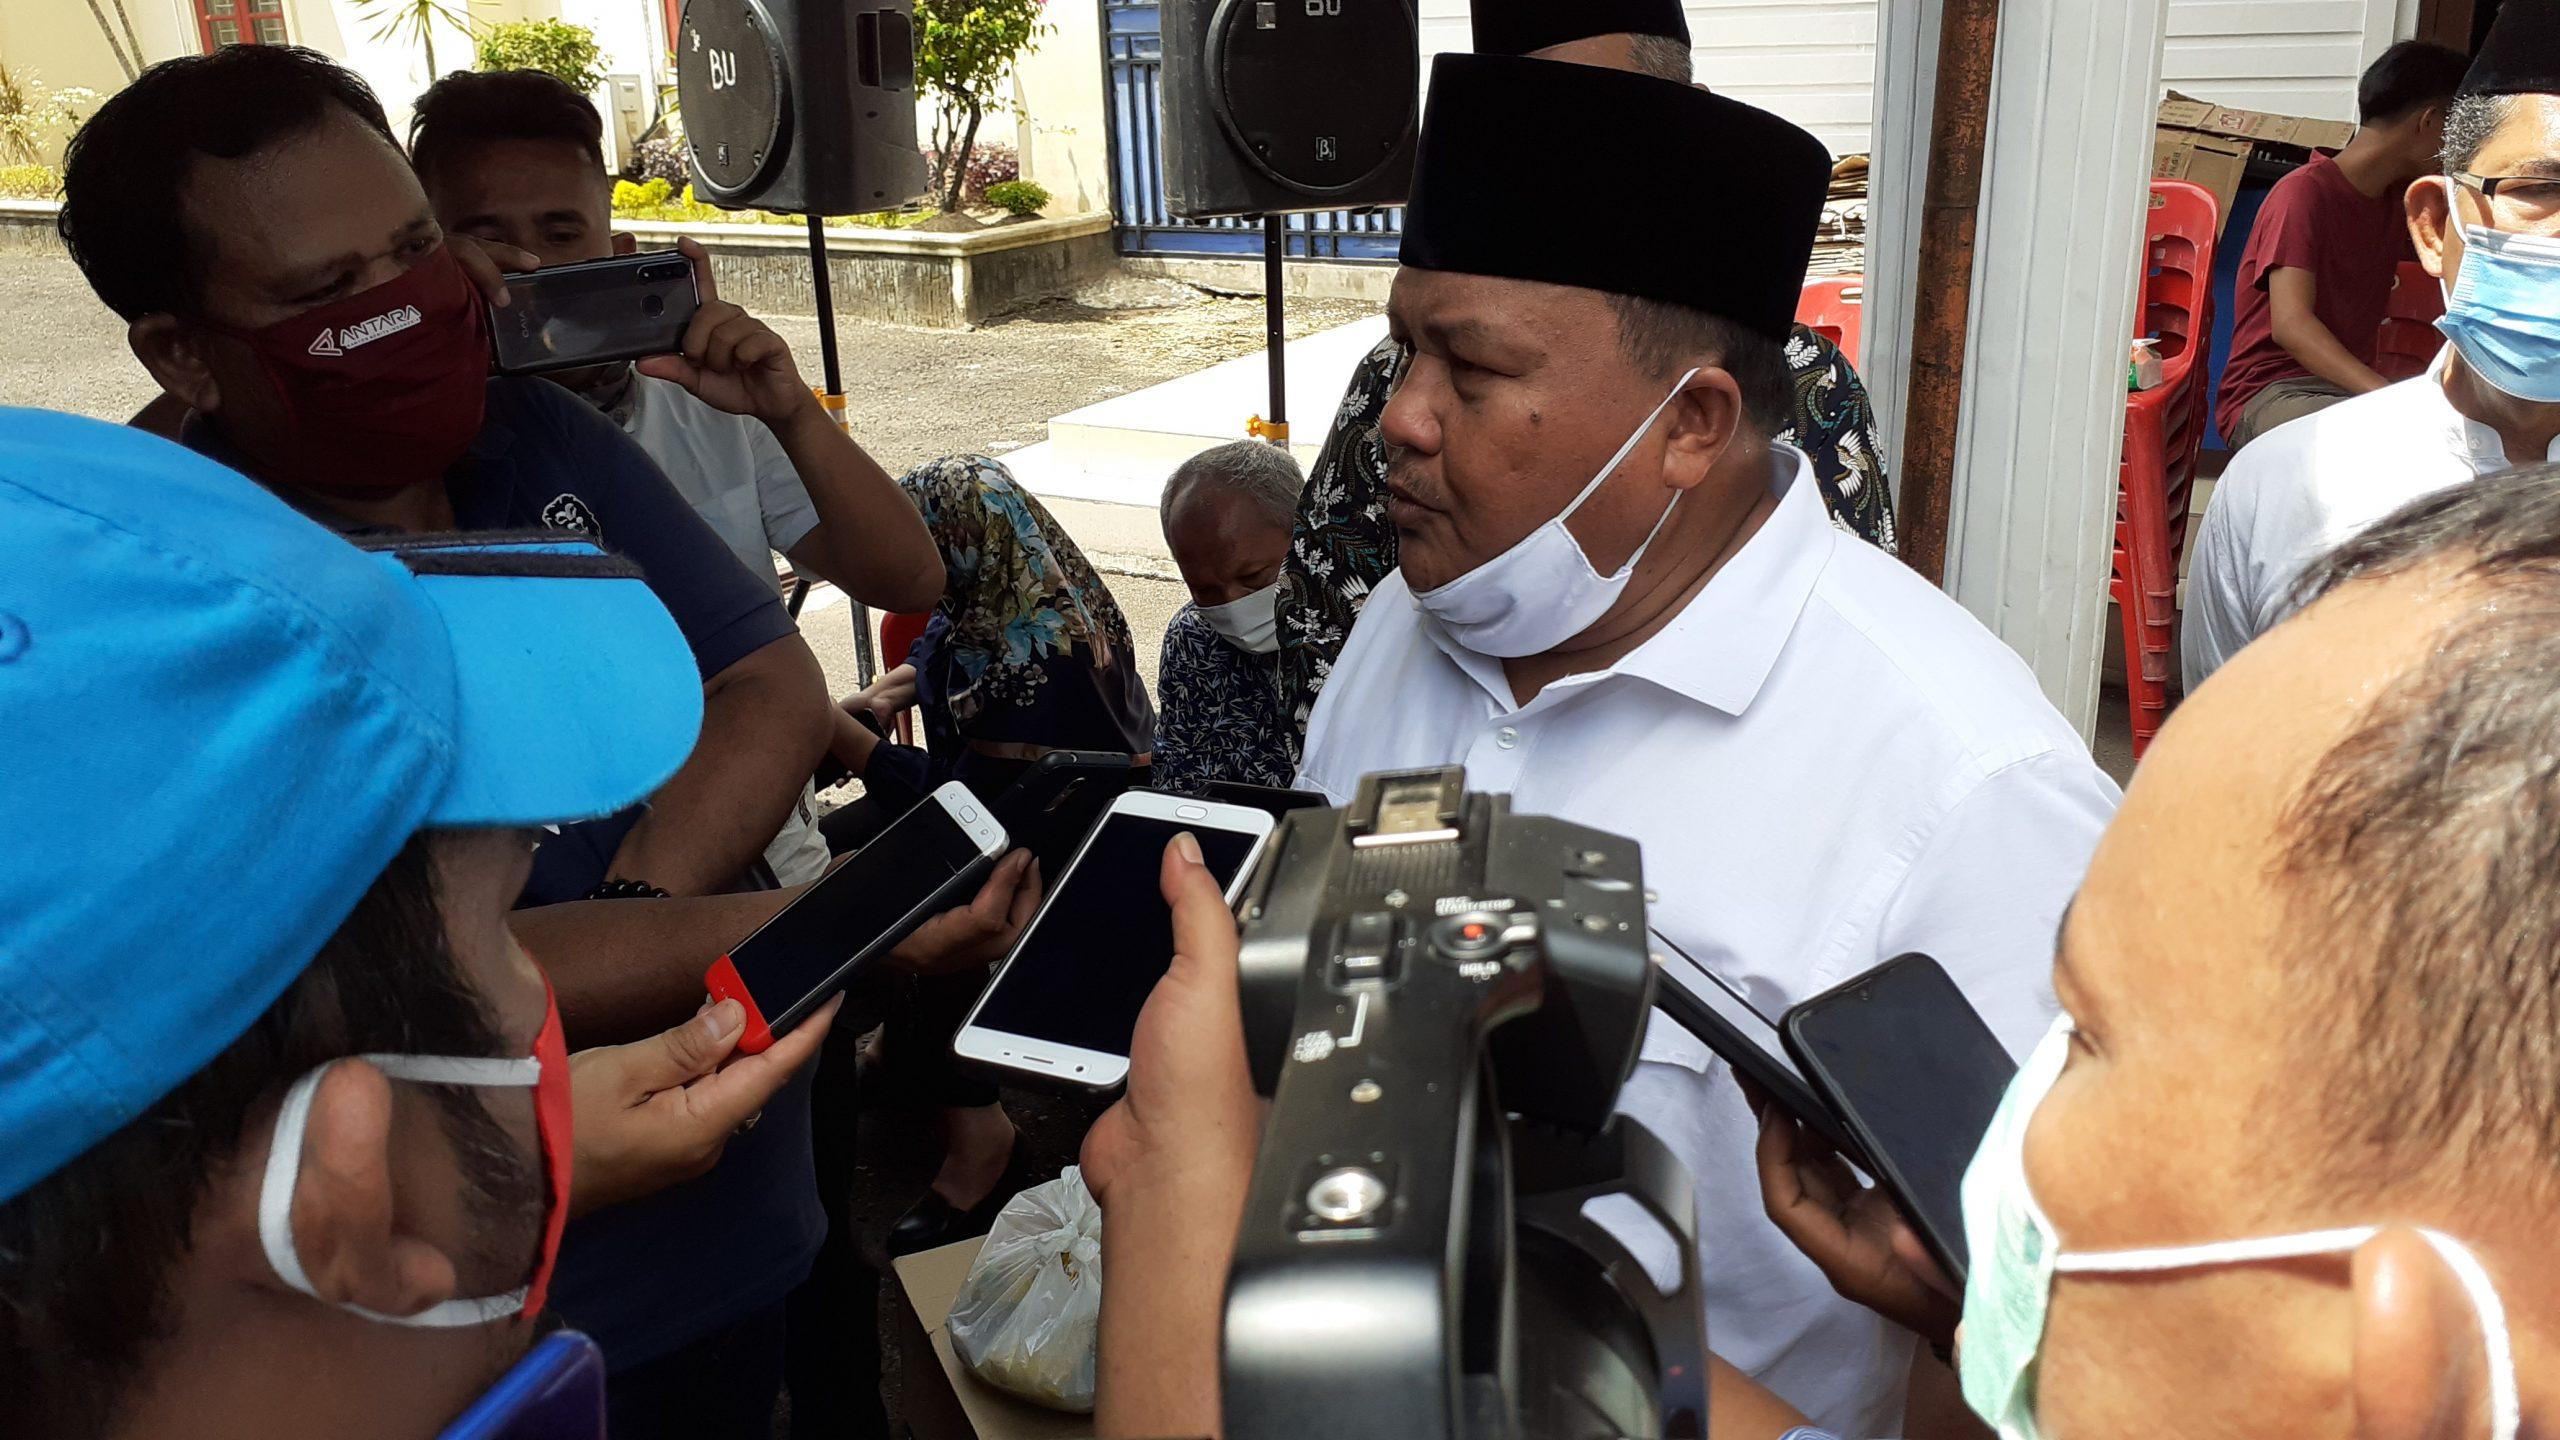 Wali Kota Sibolga HM Syarfi Hutauruk saat diwawancarai awak media. Foto: Rakyatsumut.com/ Mirwan Tanjung